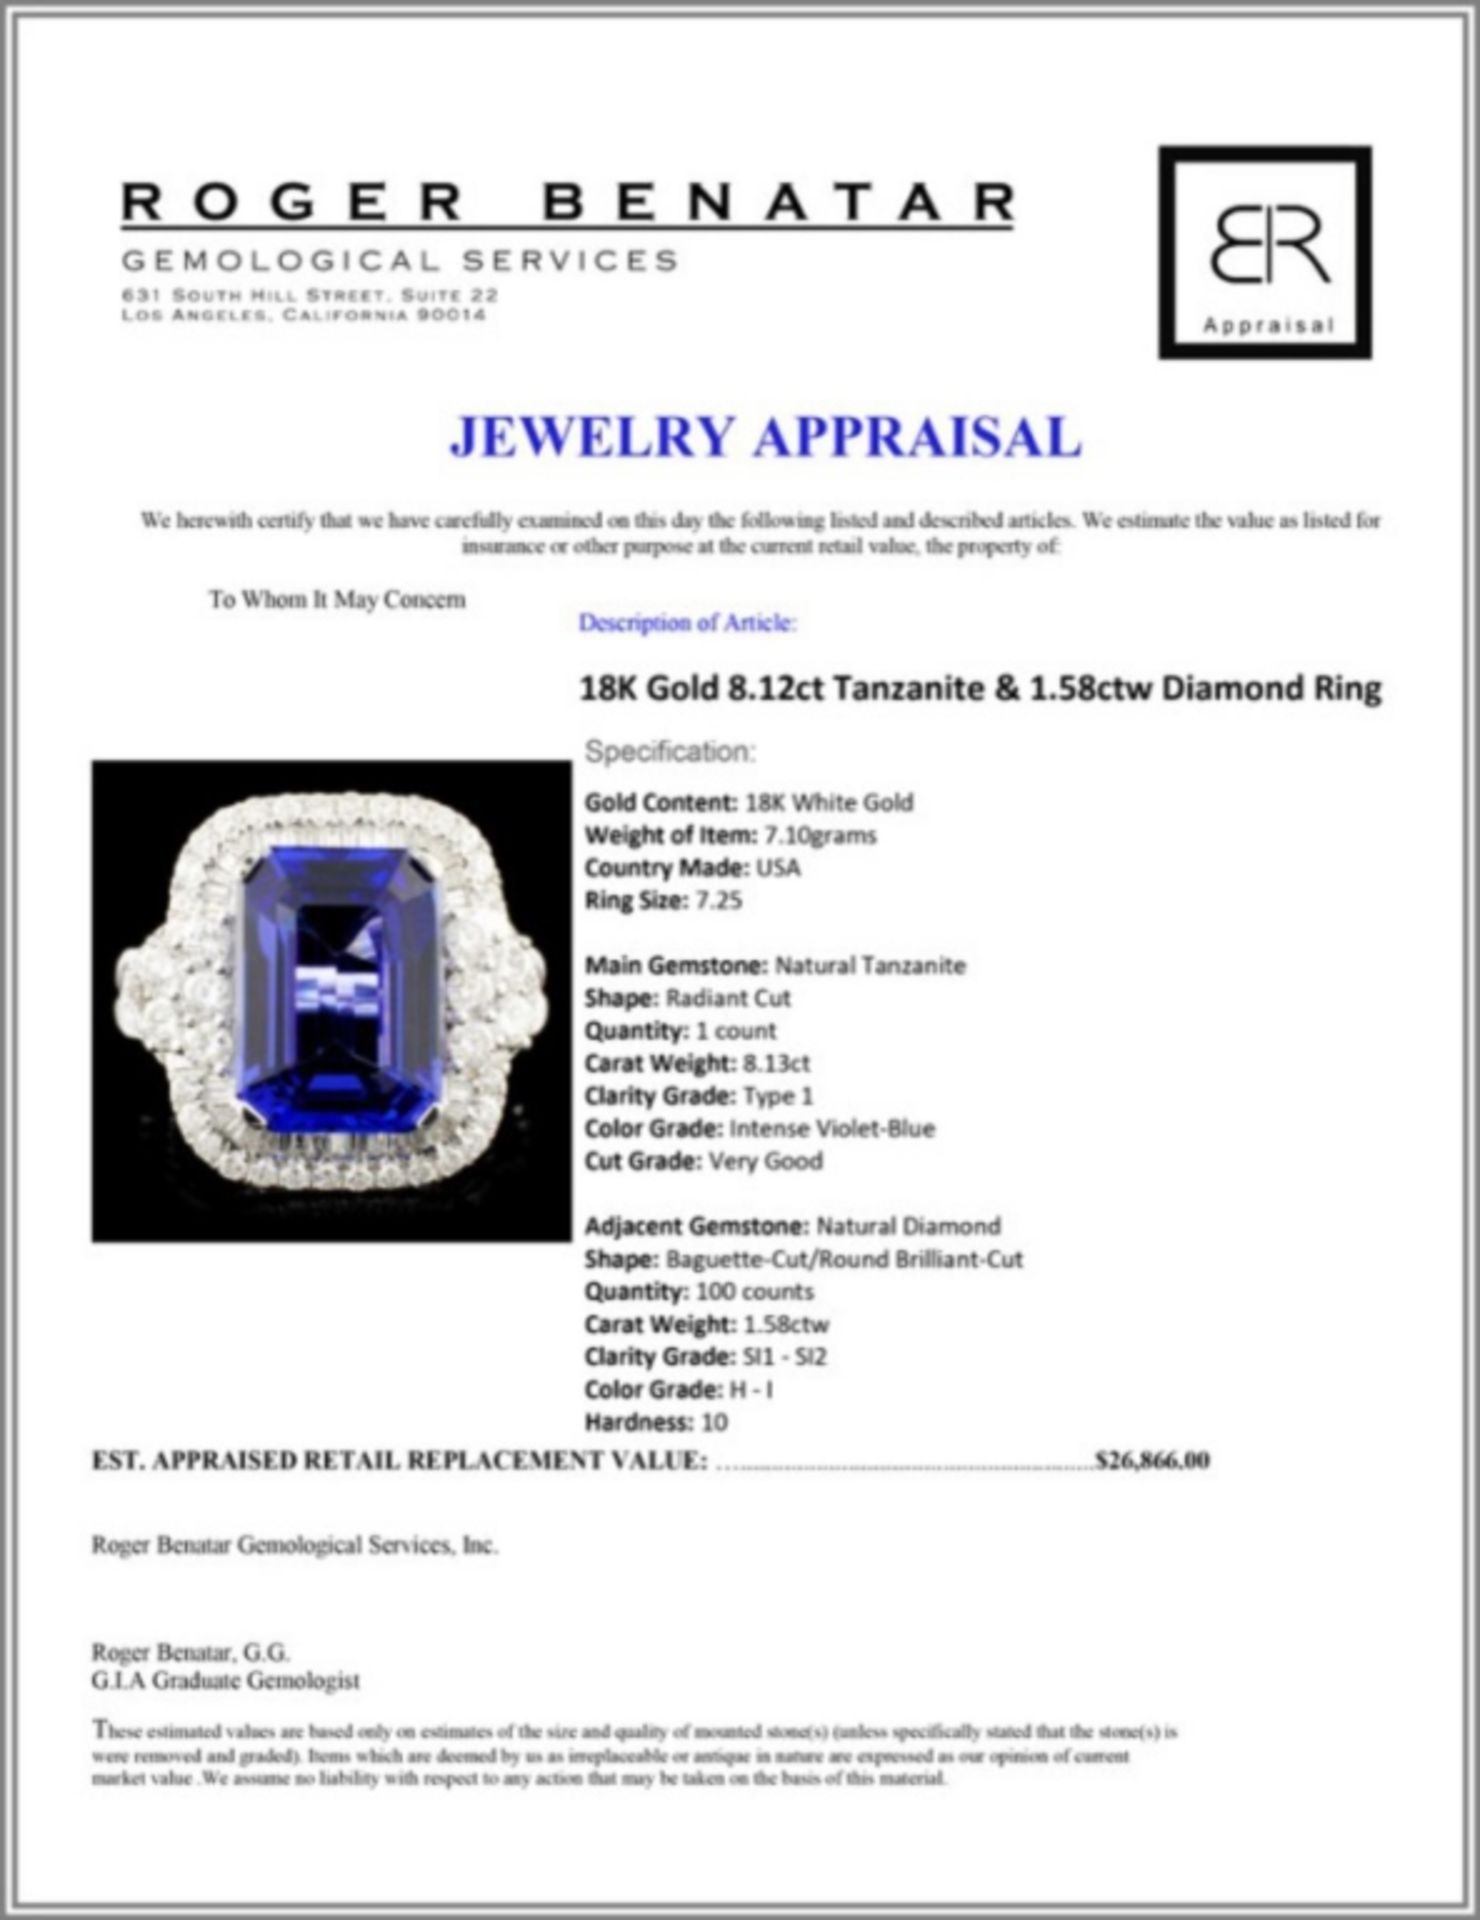 18K Gold 8.12ct Tanzanite & 1.58ctw Diamond Ring - Image 5 of 5